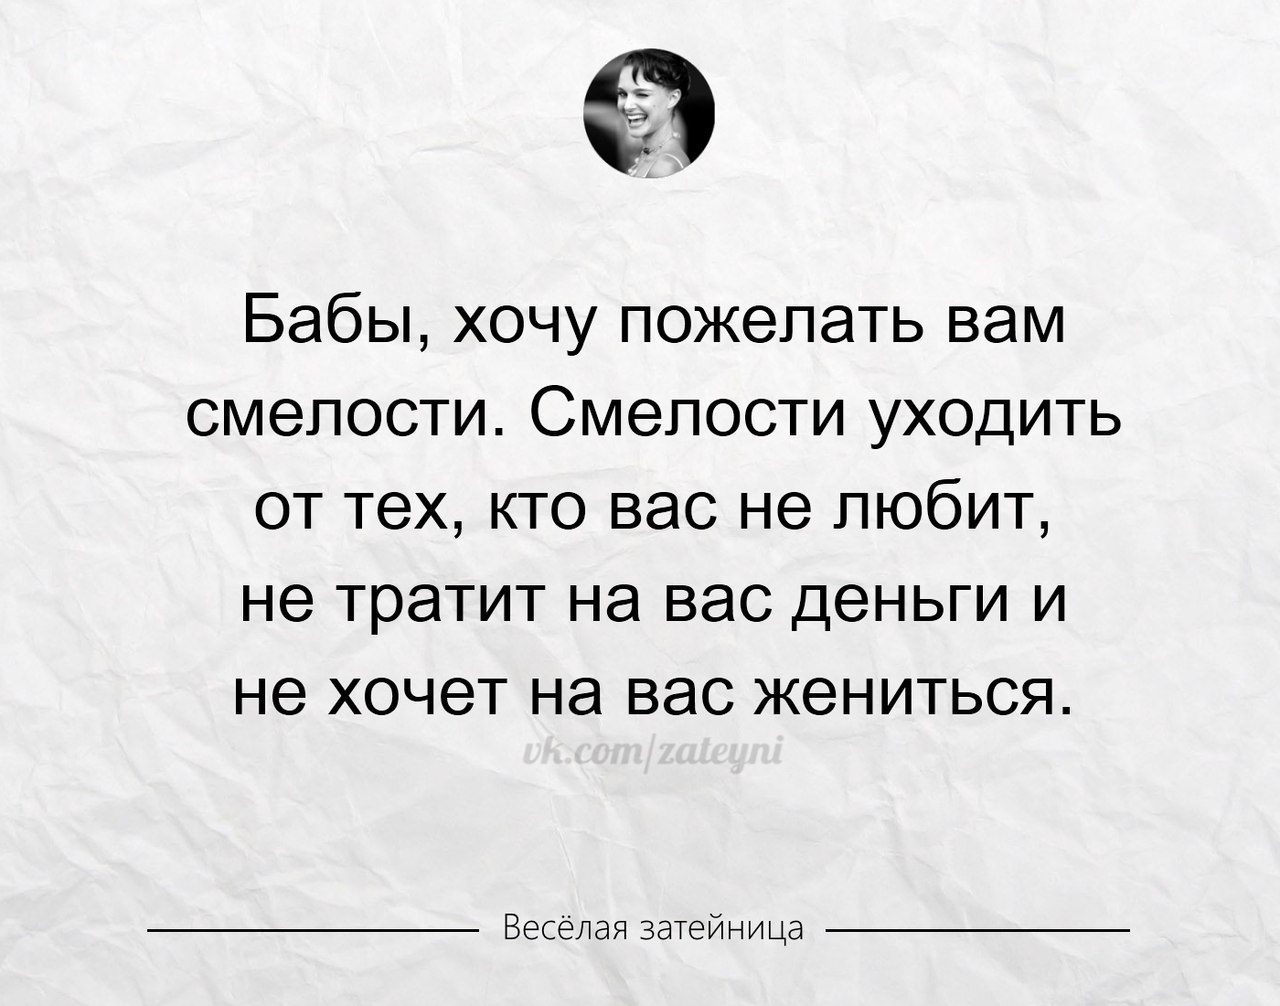 https://pp.userapi.com/c834402/v834402043/e0d36/zwdZ0UHDHrE.jpg